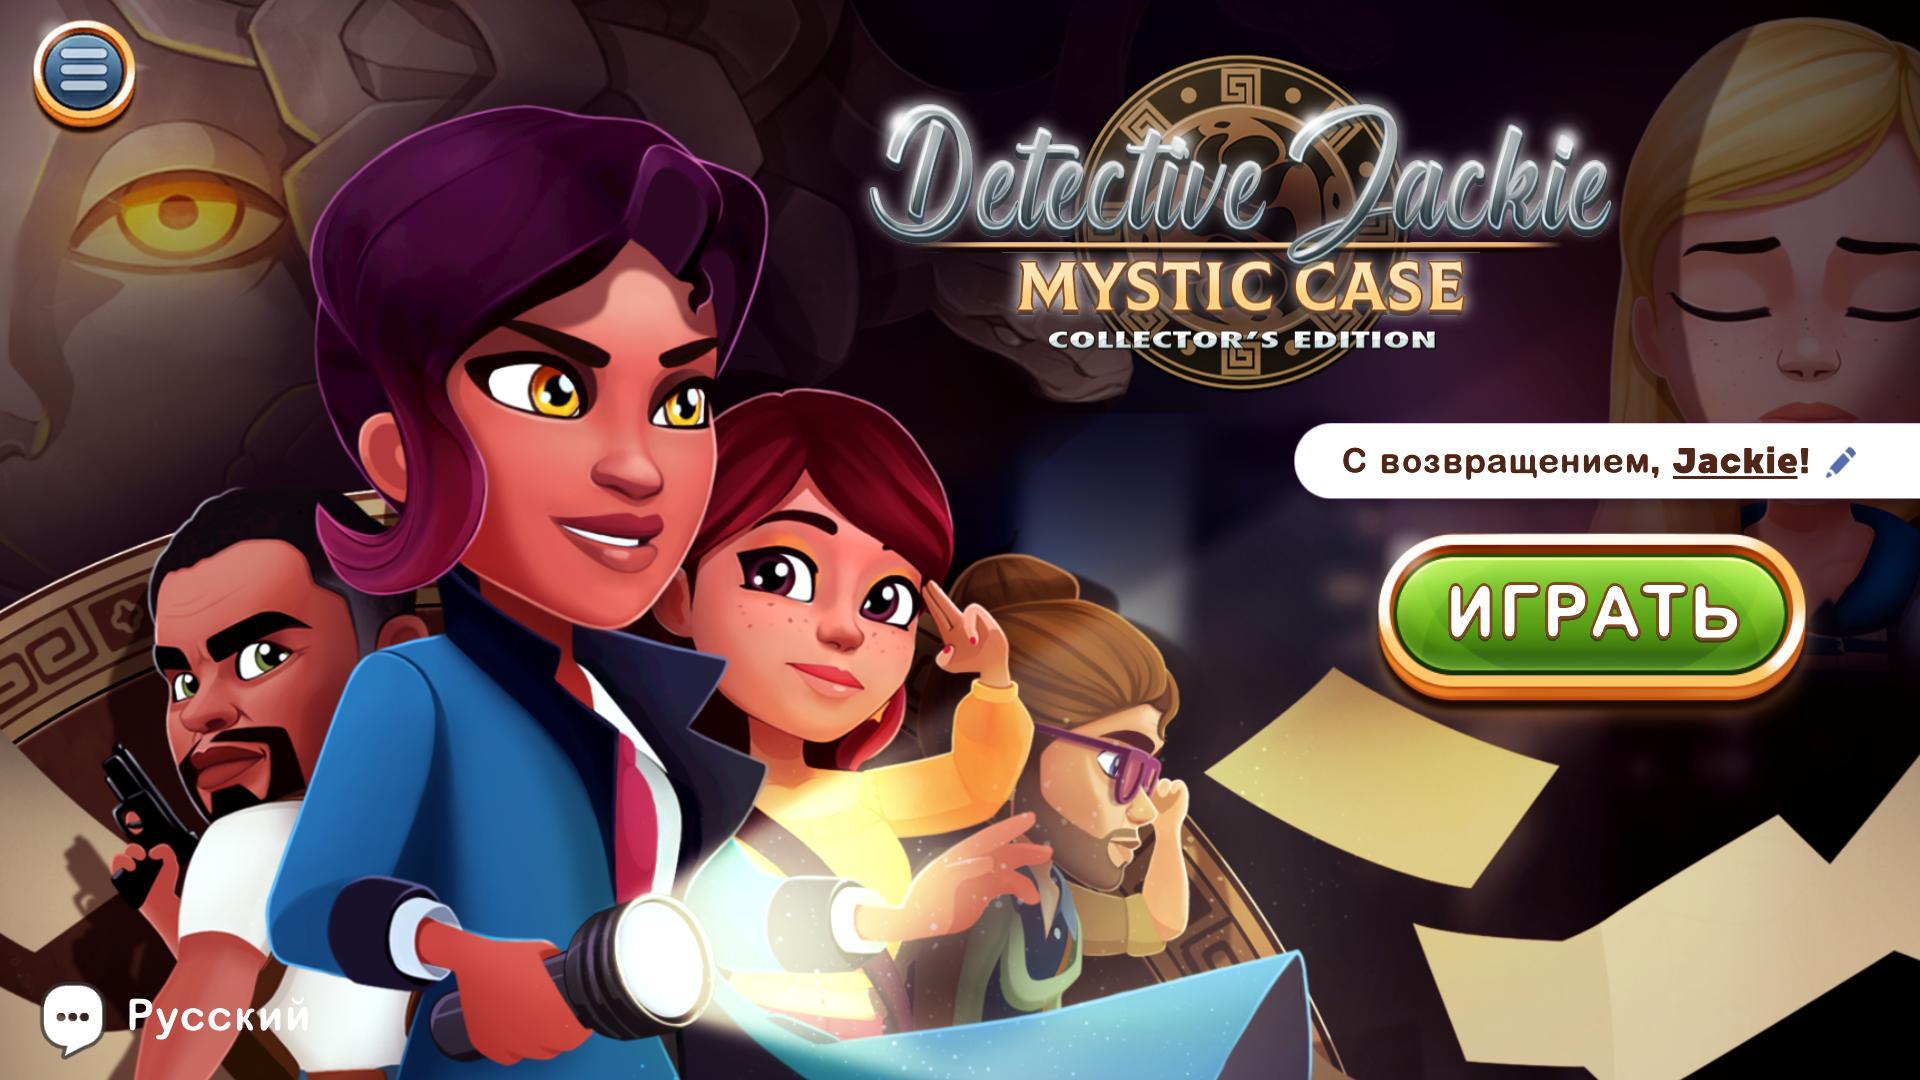 Детектив Джеки: Мистические случаи. Коллекционное издание | Detective Jackie: Mystic Case CE (Rus)